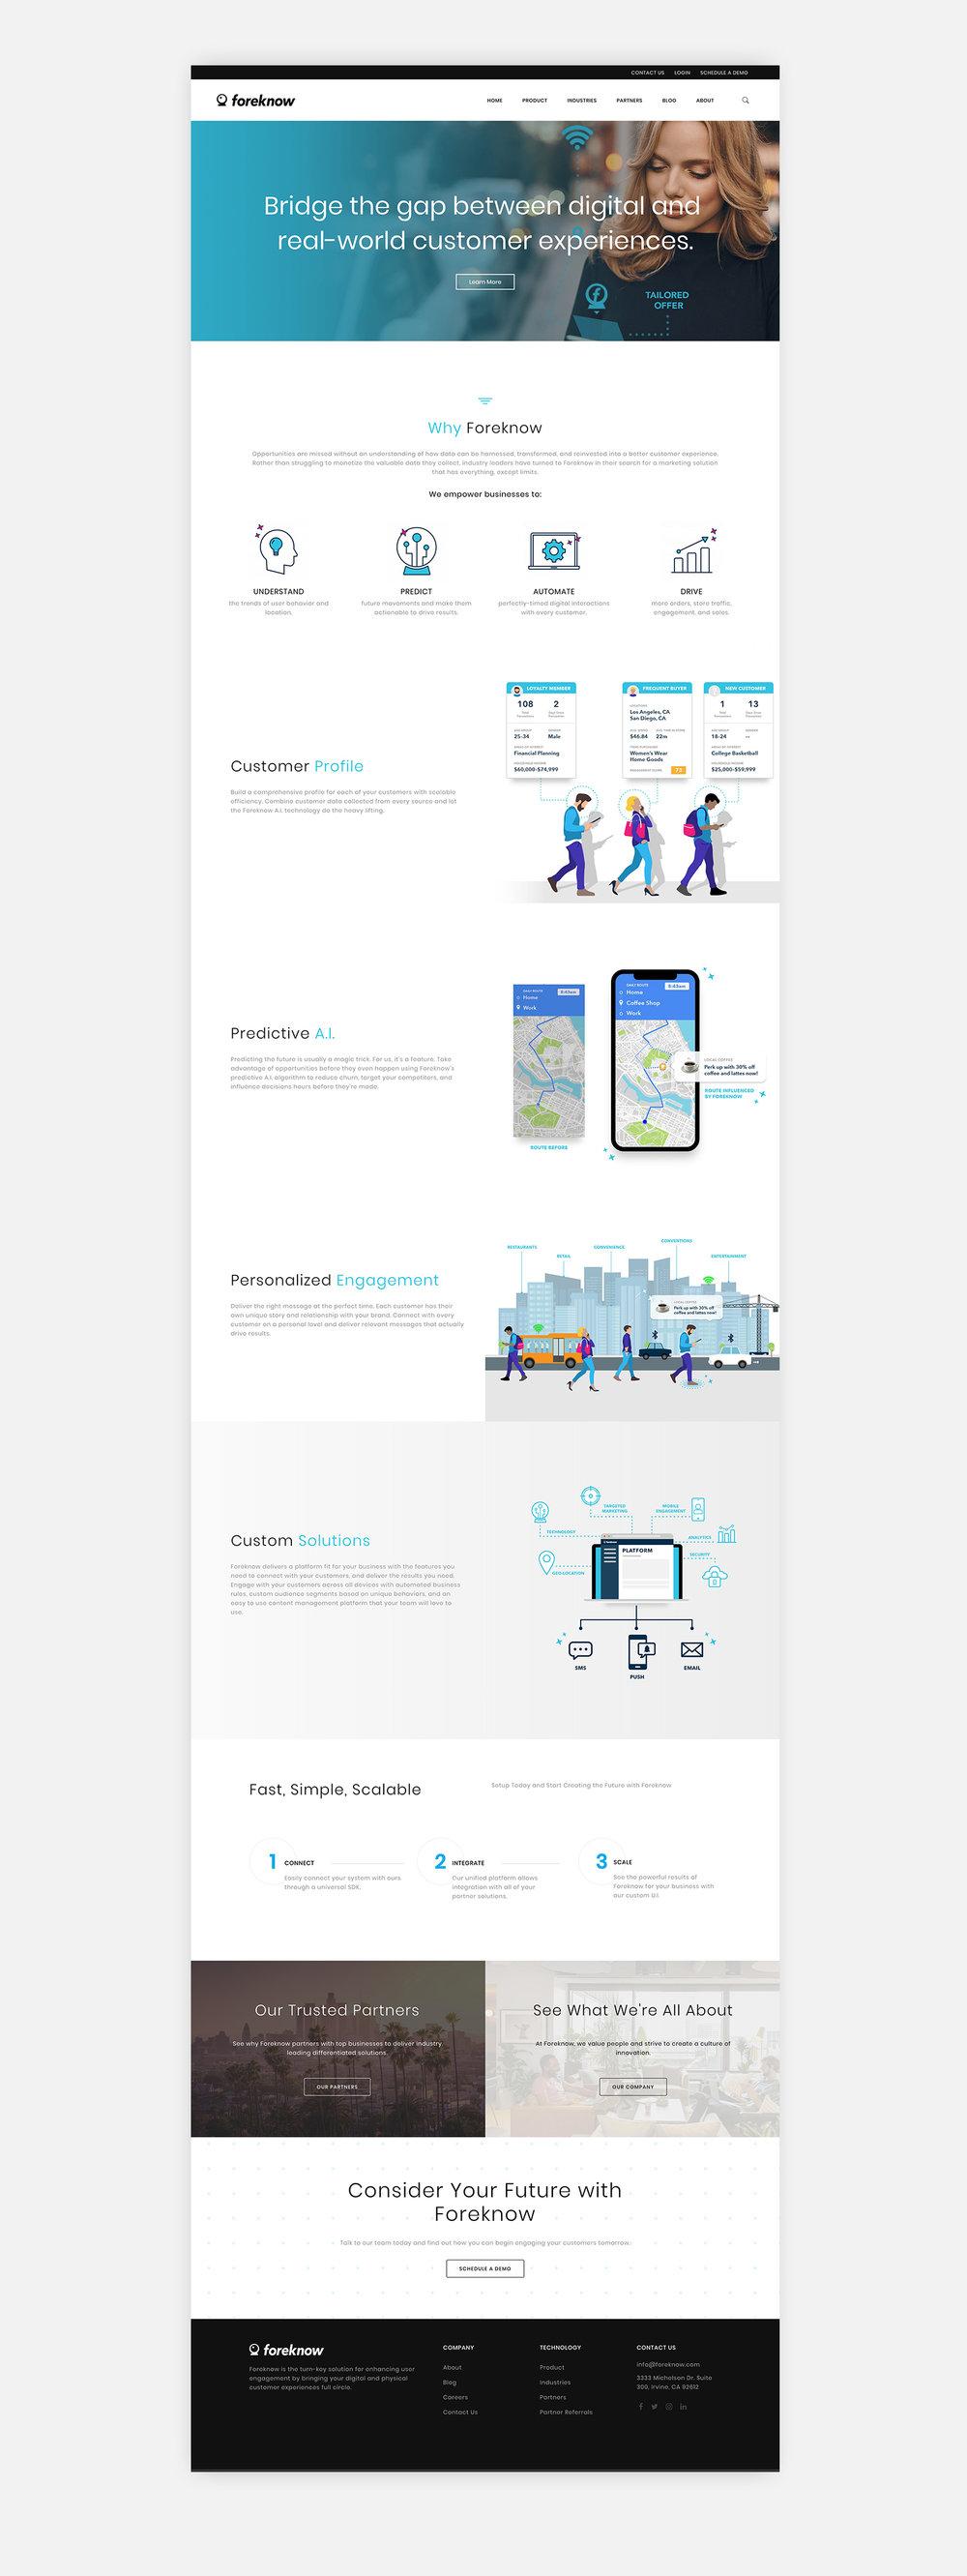 Foreknow-homepage-mockup.jpg